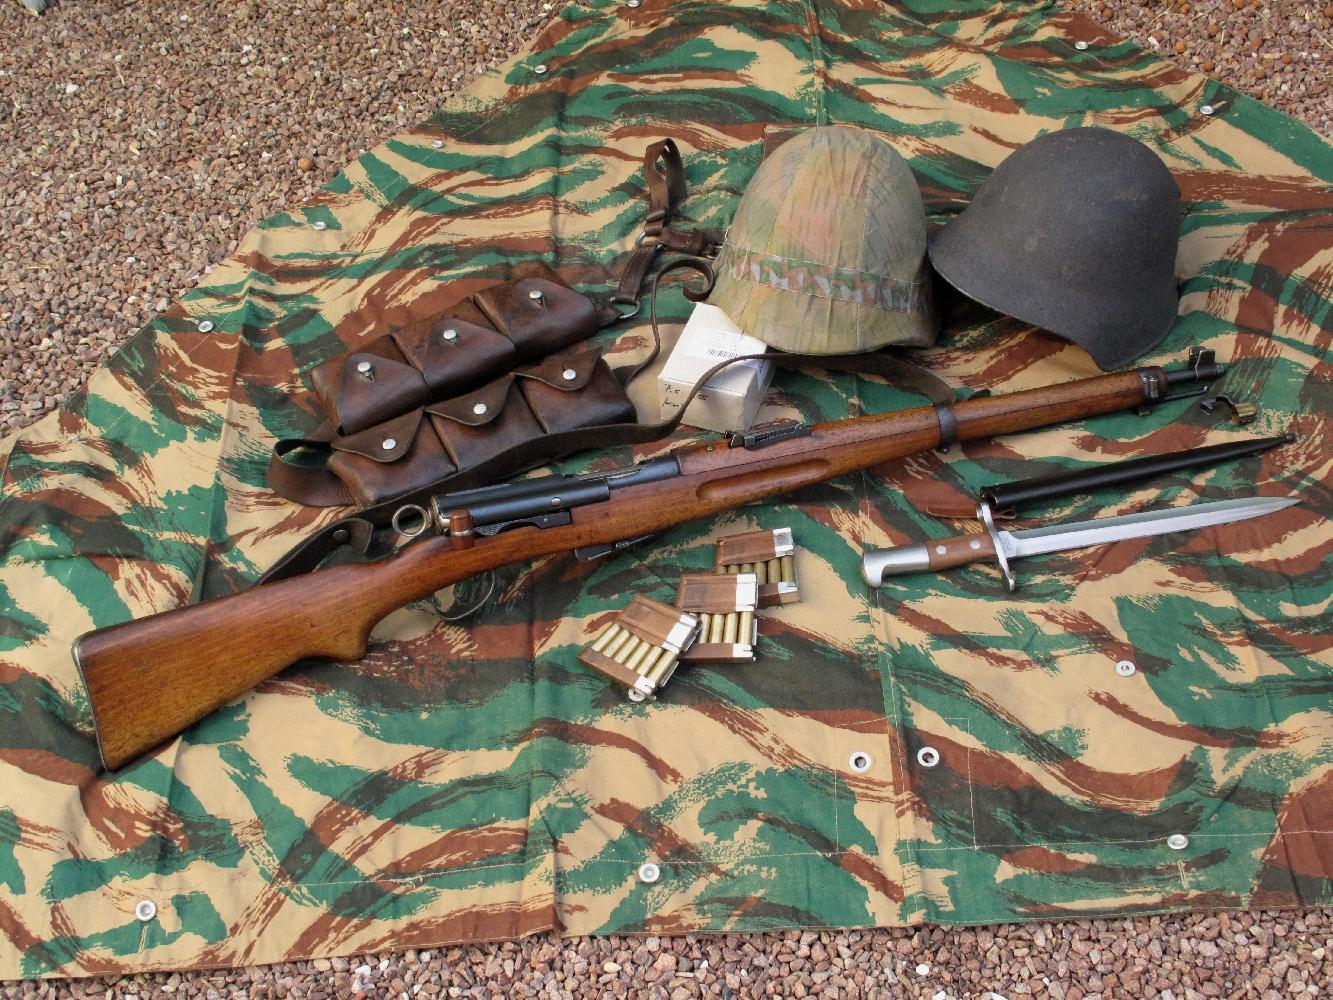 Le mousqueton suisse K11 employé pour notre banc d'essai est accompagné ici par divers accessoires aimablement prêtés par la société AAS (www.aassniper98.com) : deux casques suisses modèle 1918 (dont l'un est muni de son couvre-casque amovible) ; une baïonnette suisse modèle 1918-31 ; une cartouchière suisse en cuir dont chacune des six poches peut recevoir deux lames-chargeurs et un bouchon de canon.